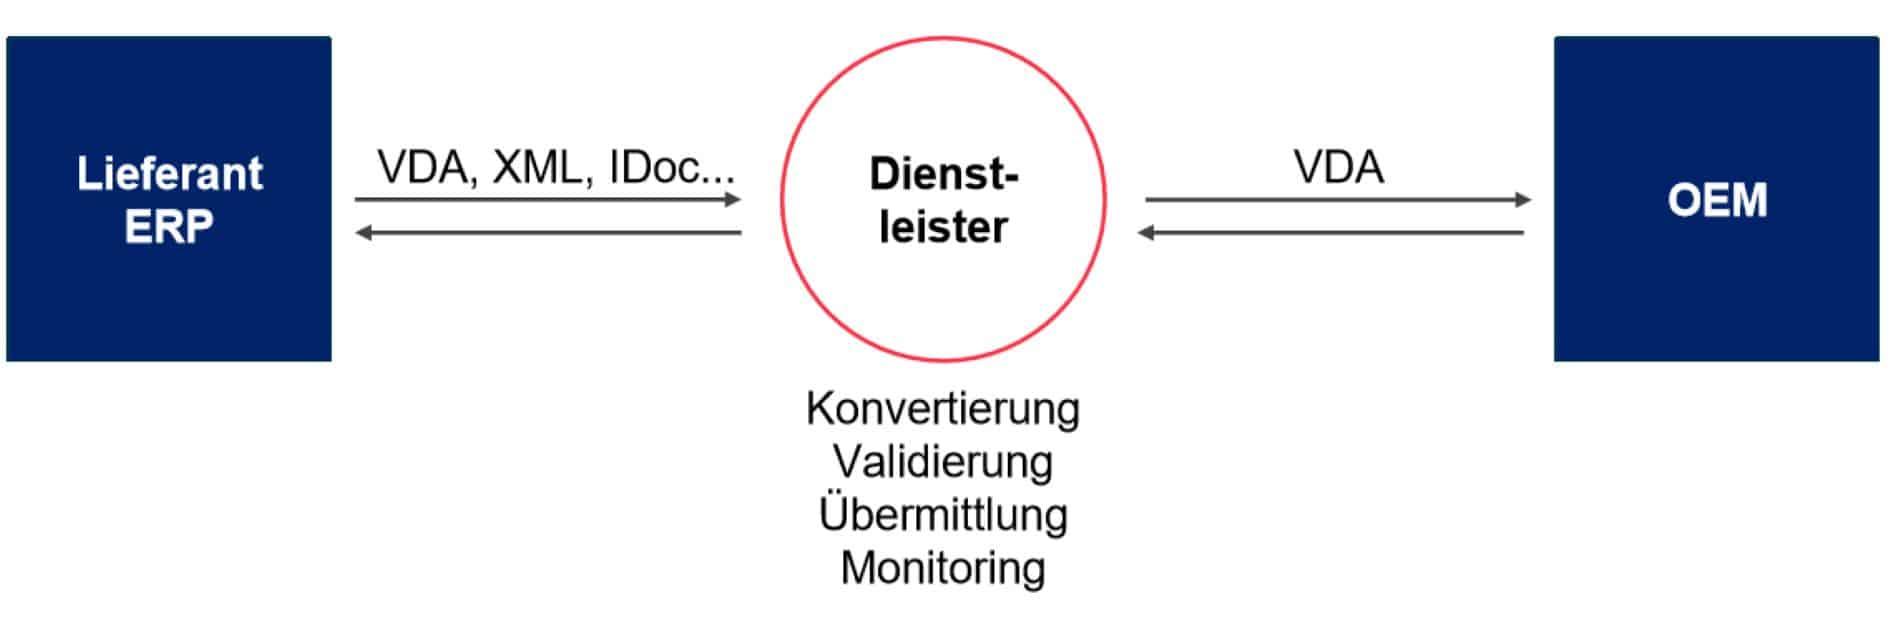 Der EDI-Dienstleister übermittelt Dokumente zwischen Lieferanten und OEM